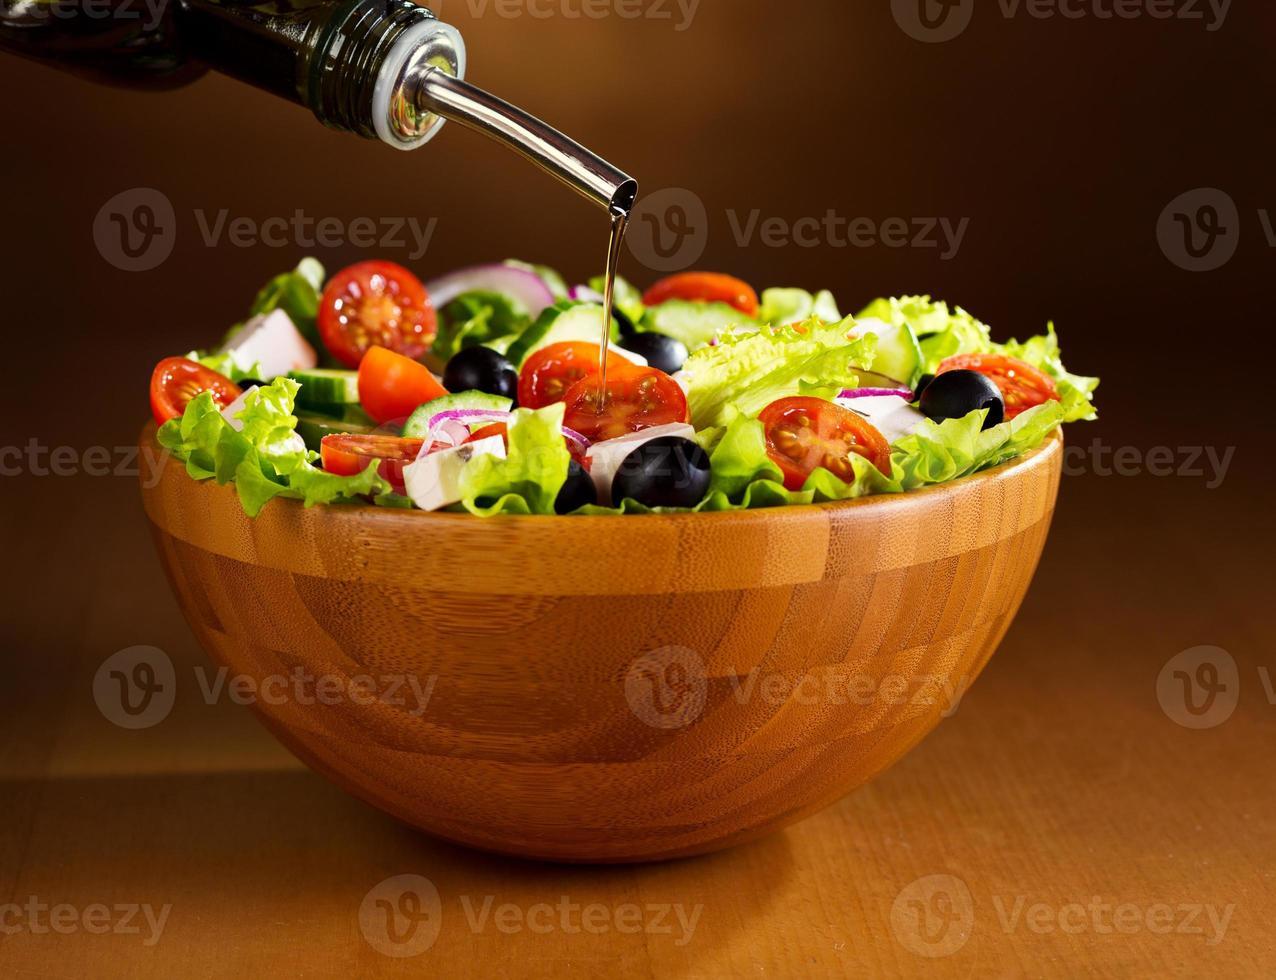 olja hälla i skål med grönsaksallad foto